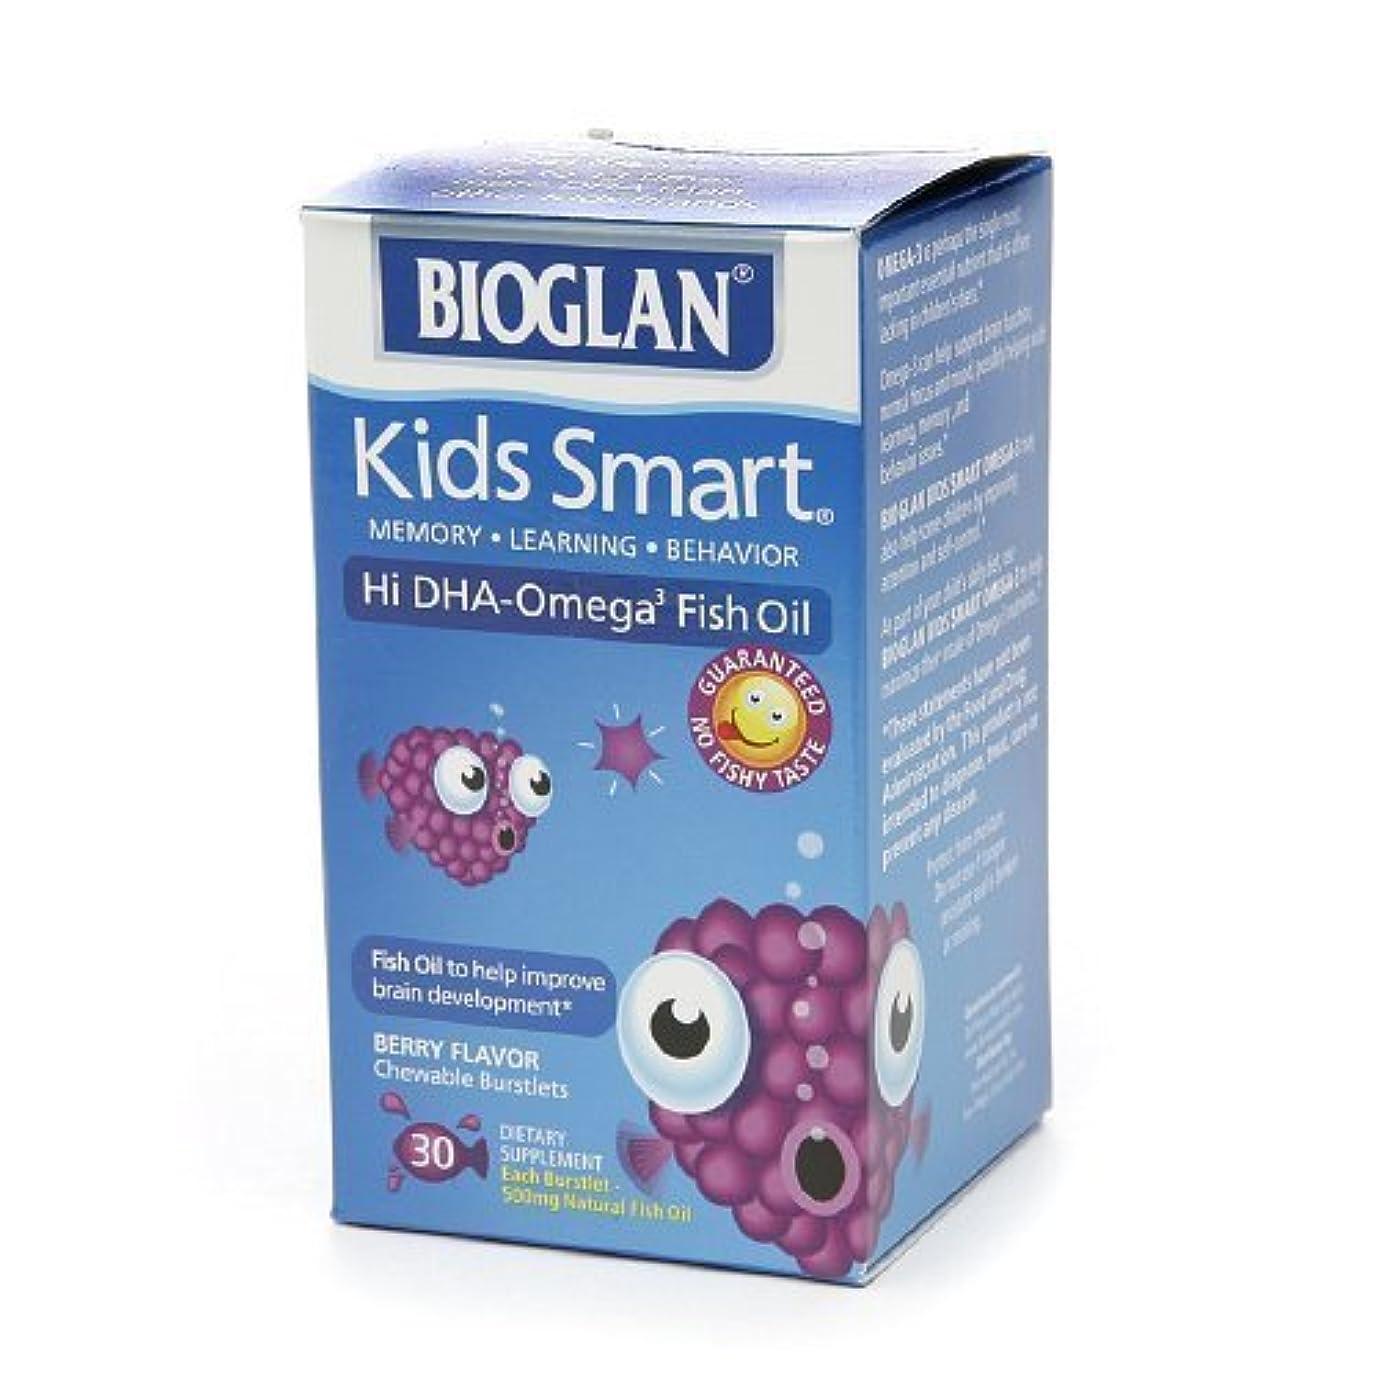 洗練住人コンペBioGlan Kids Smart Hi DHA Omega-3 Fish Oil, Chewable Burstlets, Berry--30 ea-Product ID DRU-318828_1 by bioglan...